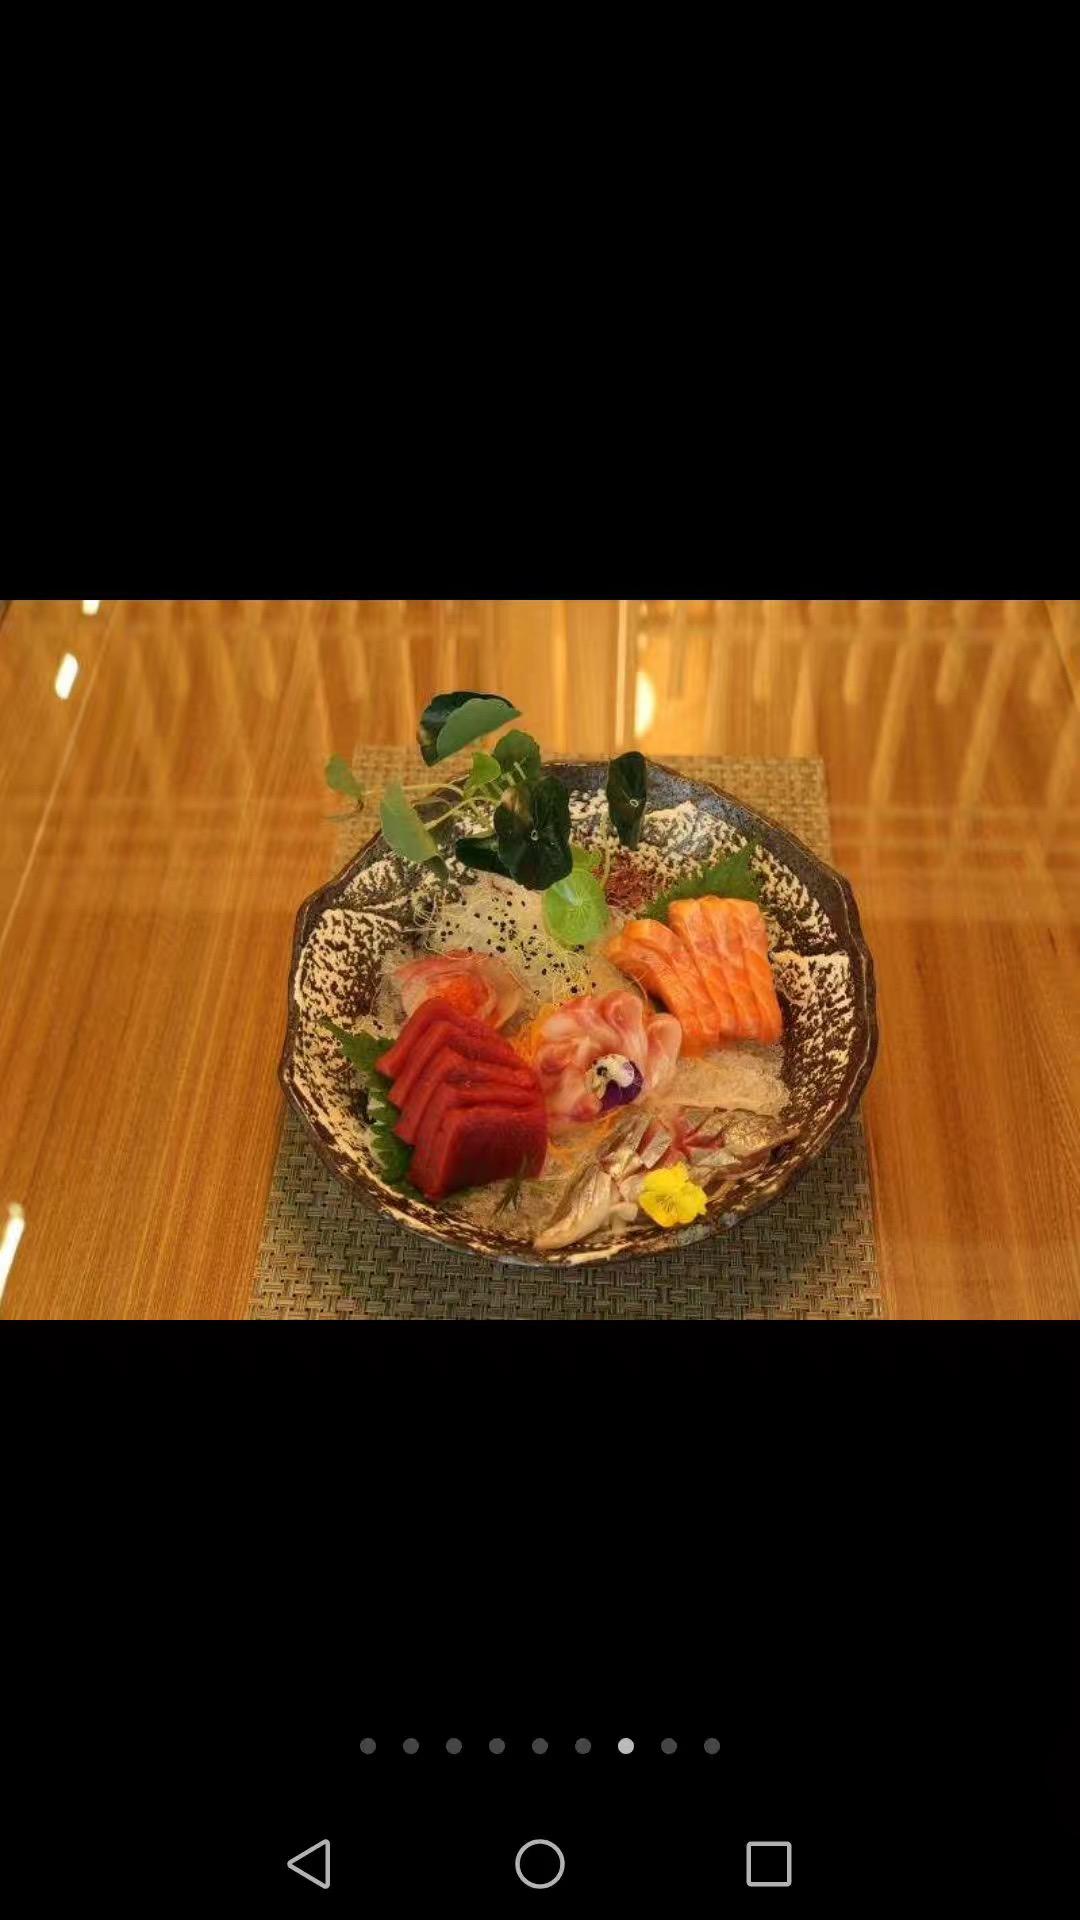 马德里日本餐馆鮨匠 FISH ARTISAN